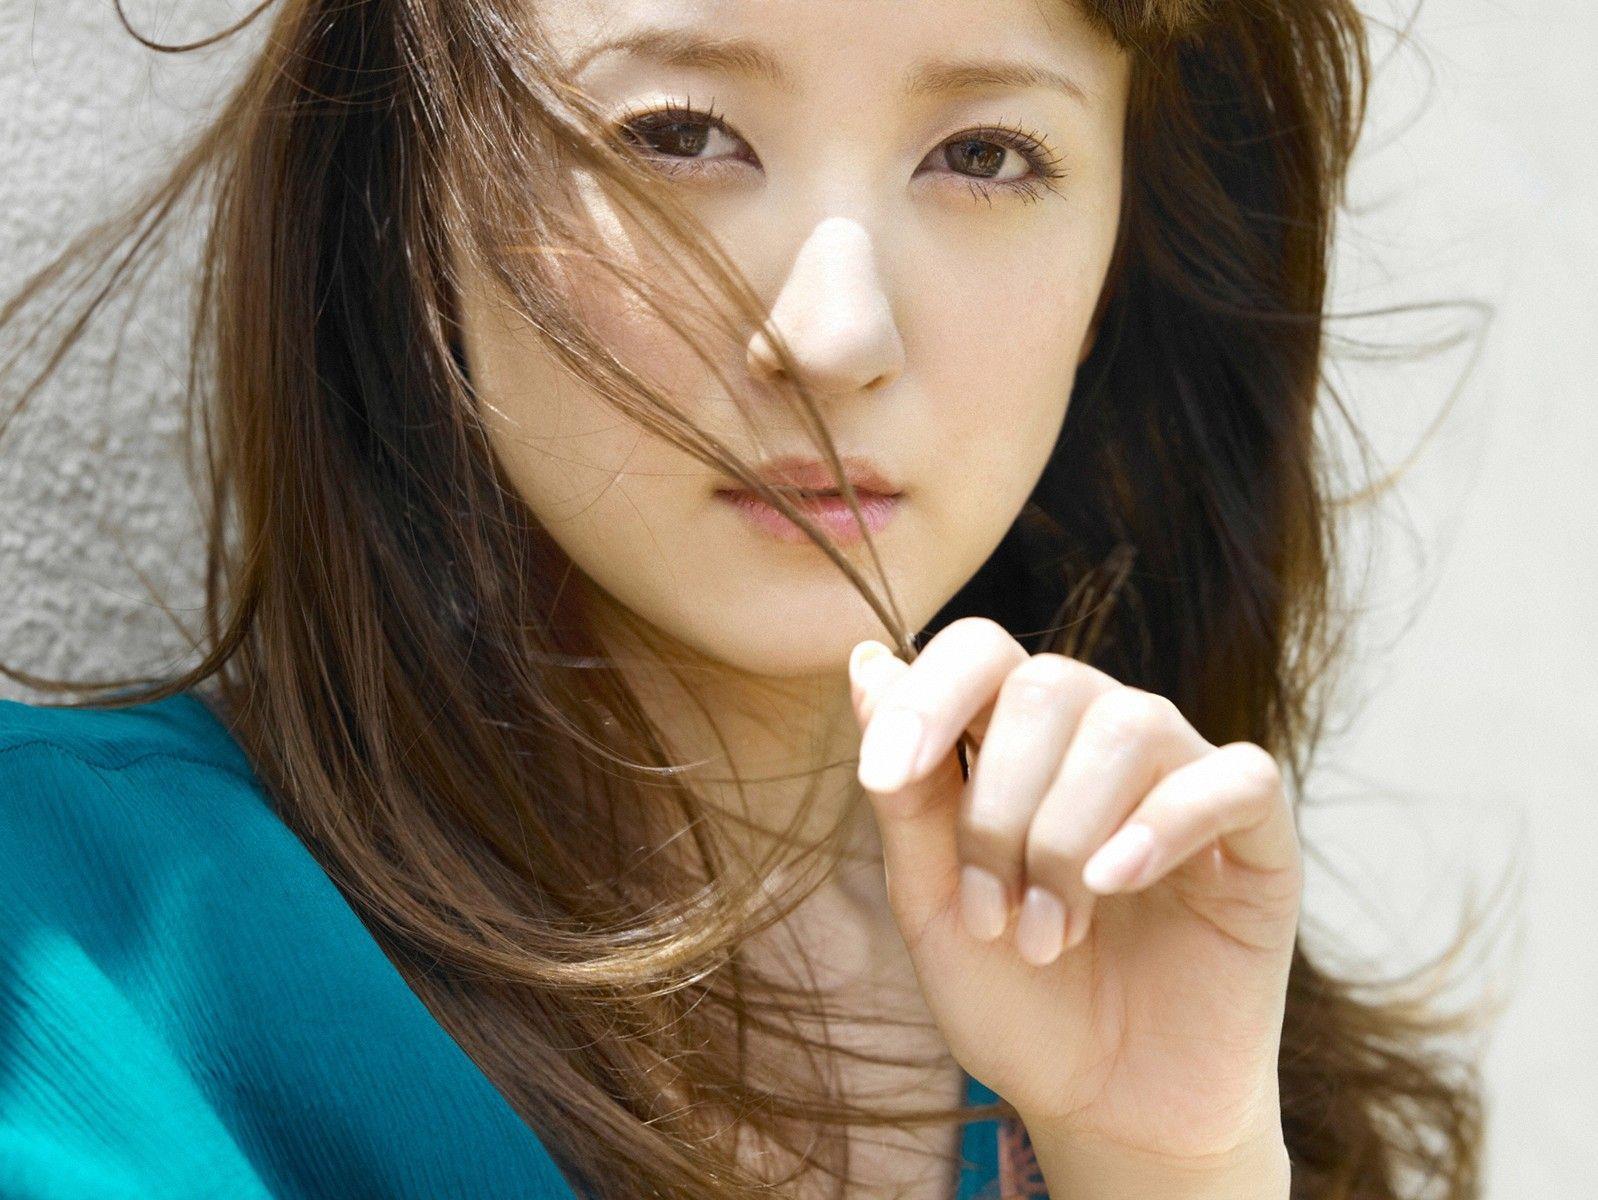 小松彩夏 エロ画像 4